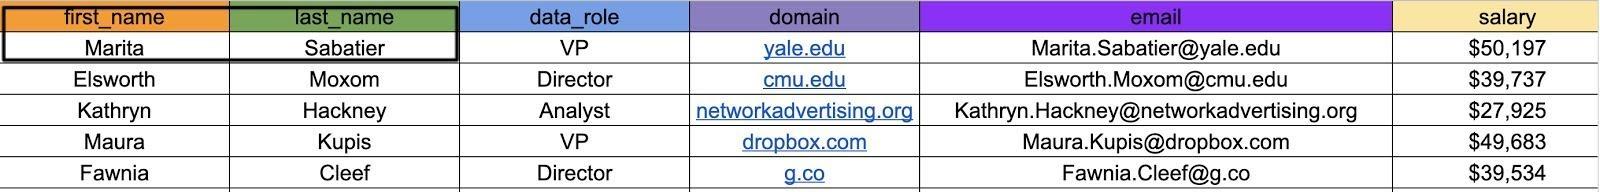 טבלת SQL שורה נתונים של העובדת Marita Sabatier עם 2 עמודות first name, last name